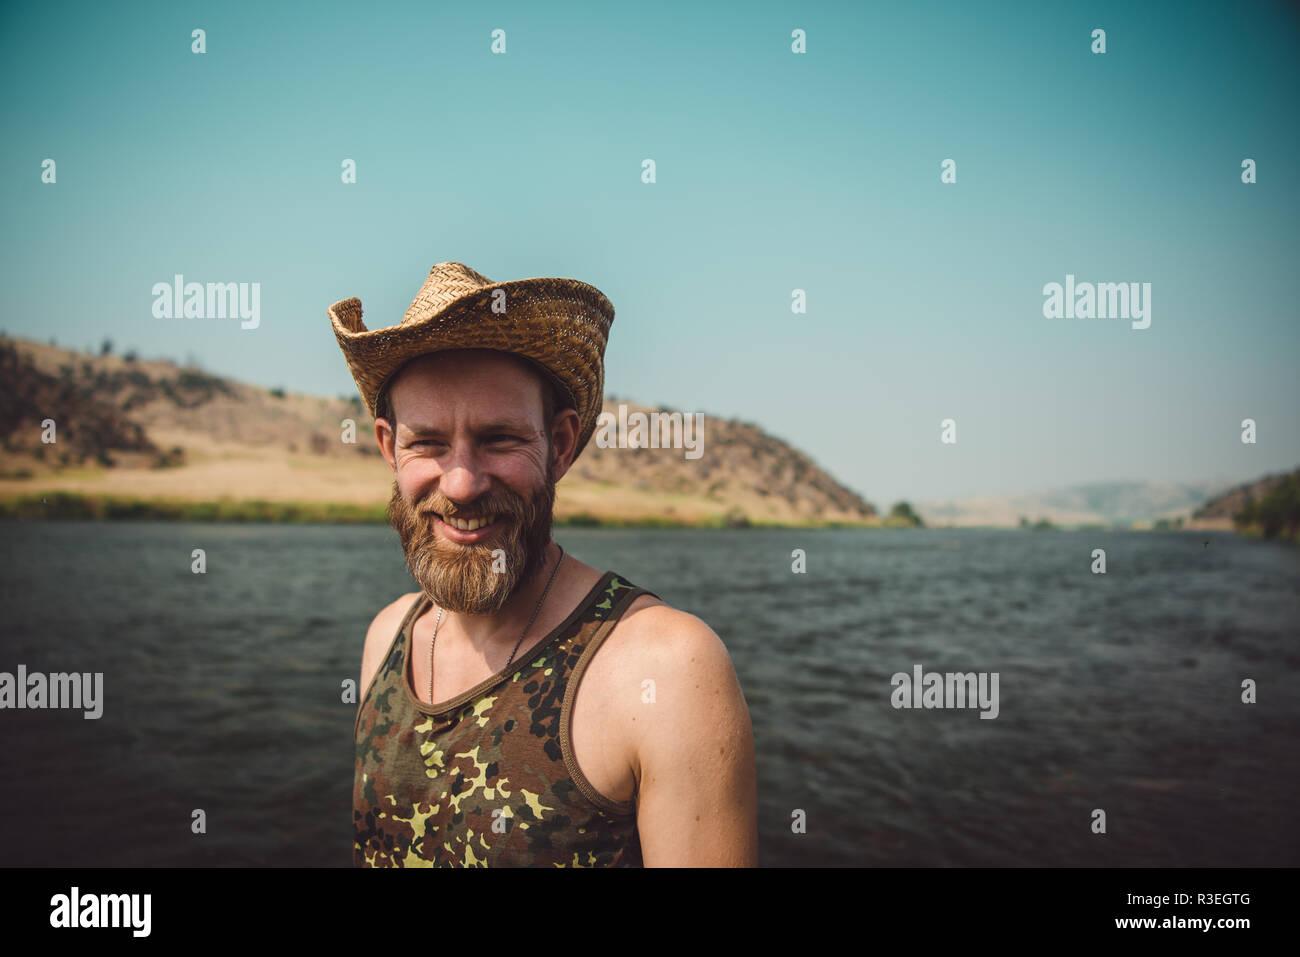 Man Beard In Cowboy Hat Imágenes De Stock & Man Beard In